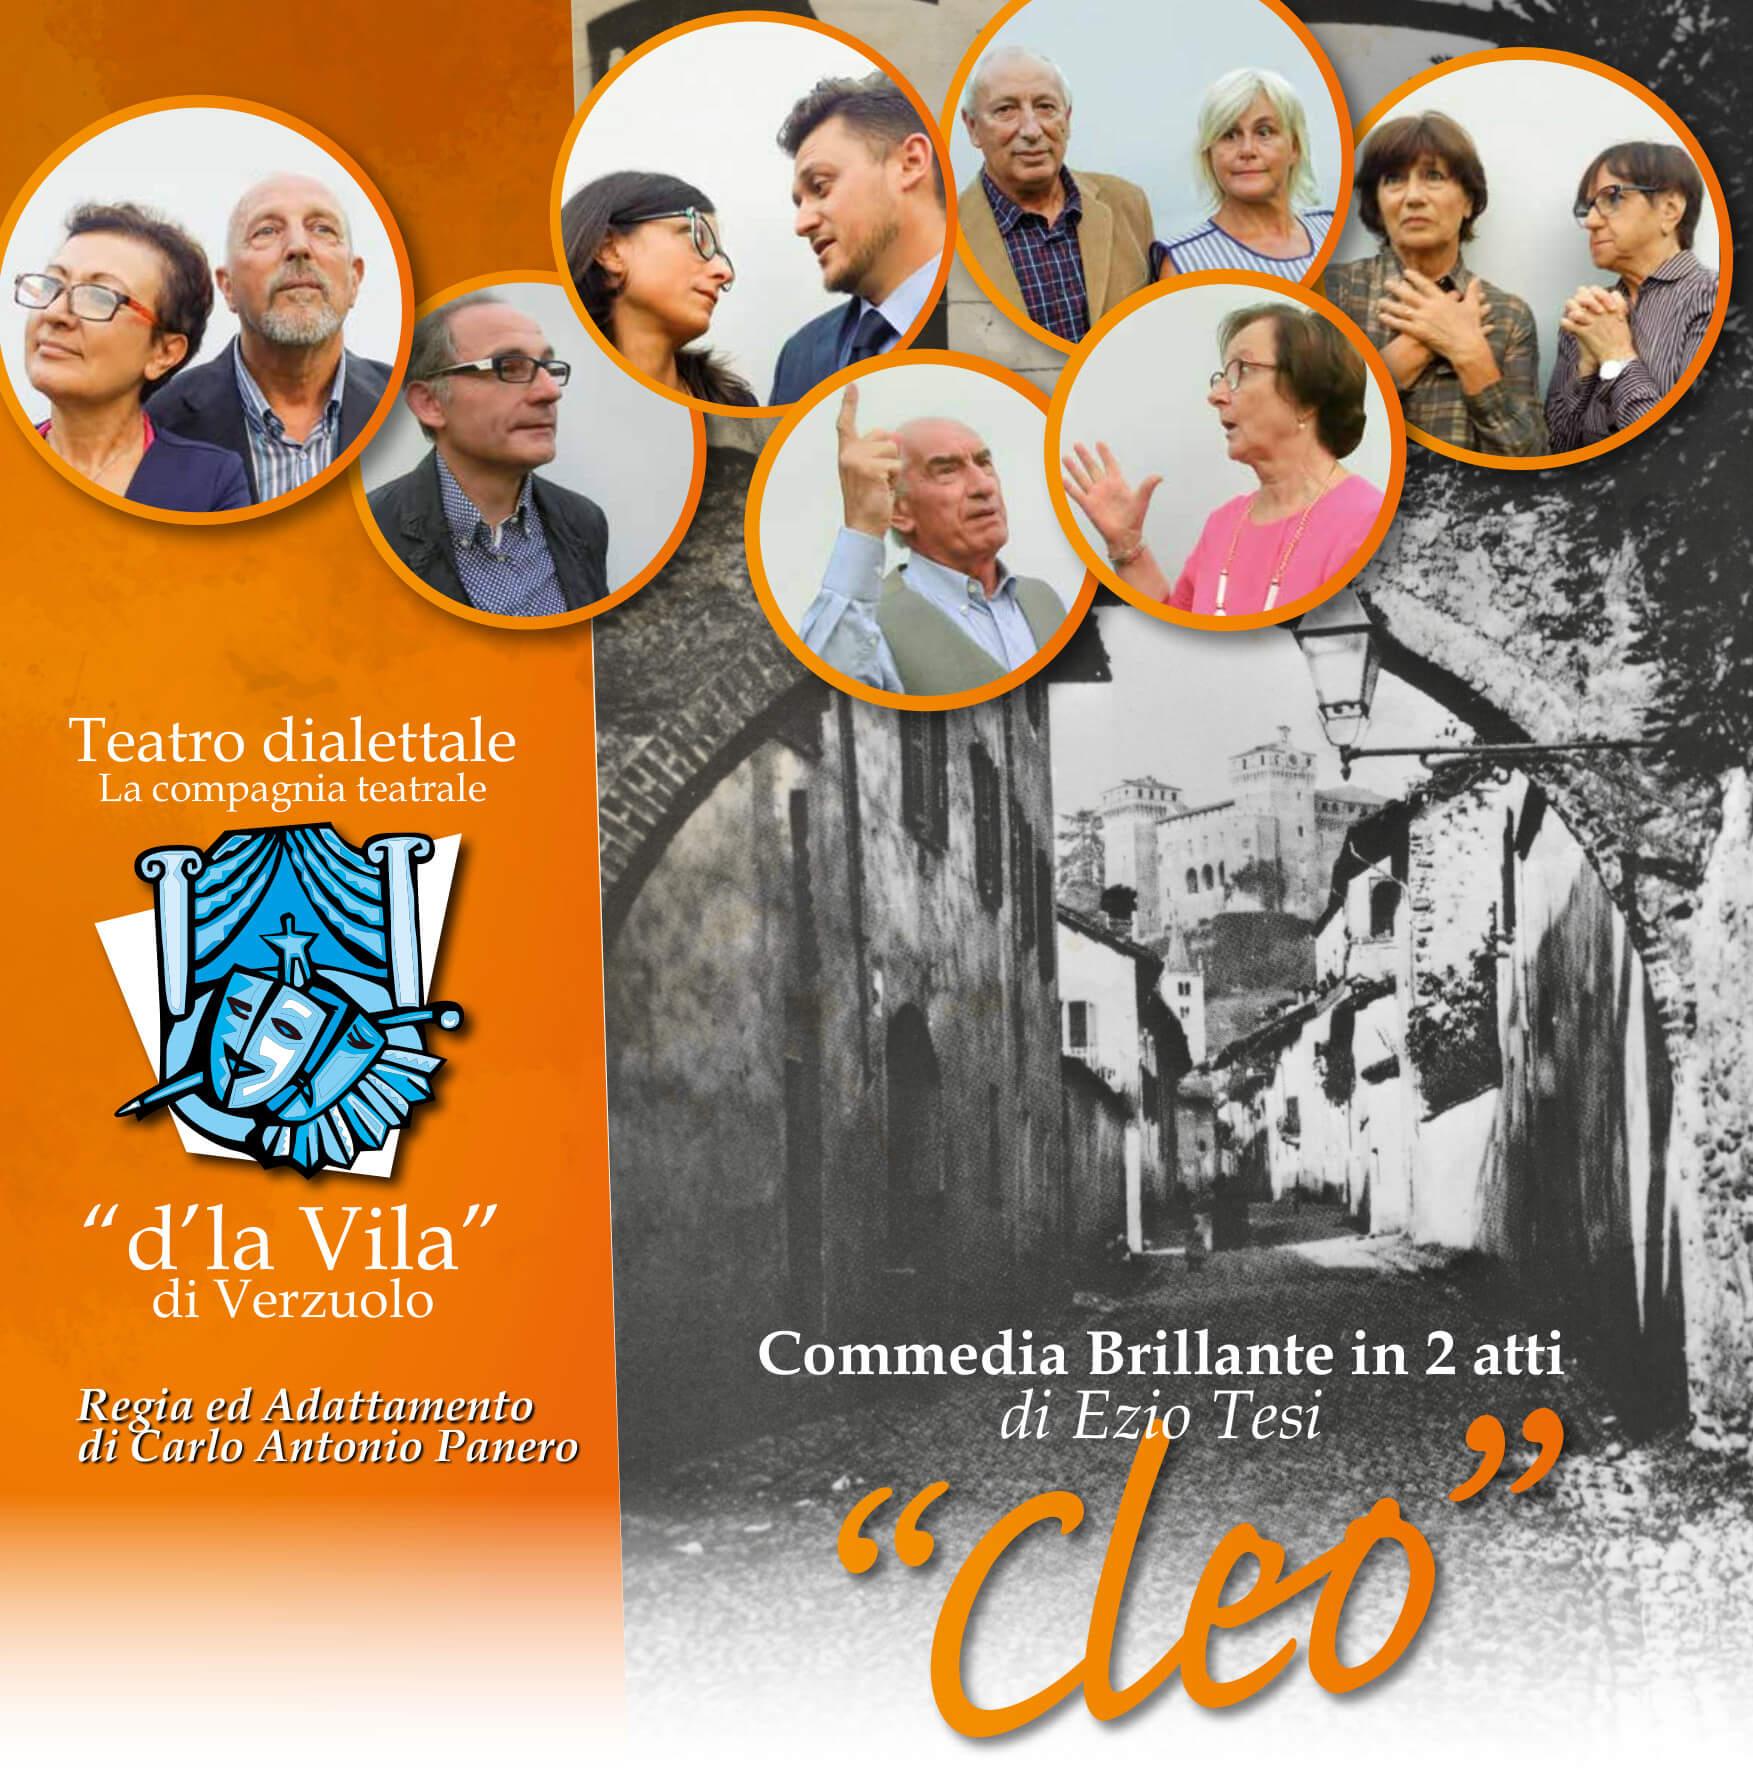 commedia-solidale-bocciodromo-2019